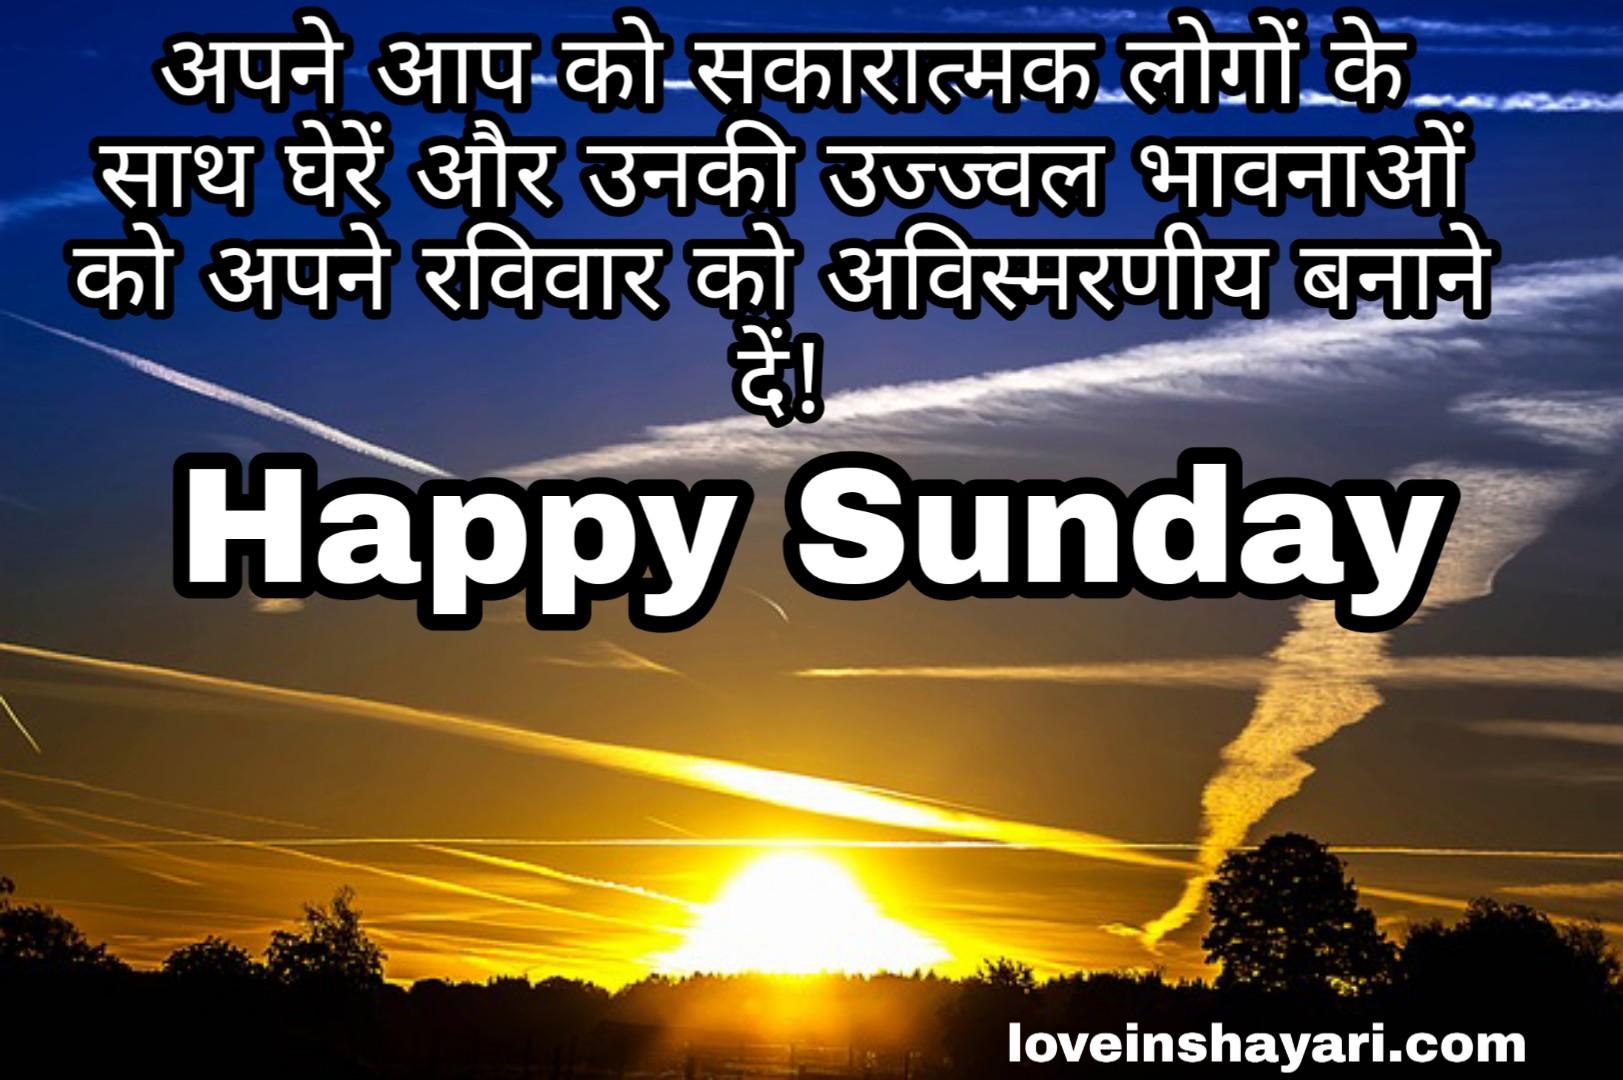 Photo of Happy Sunday quotes